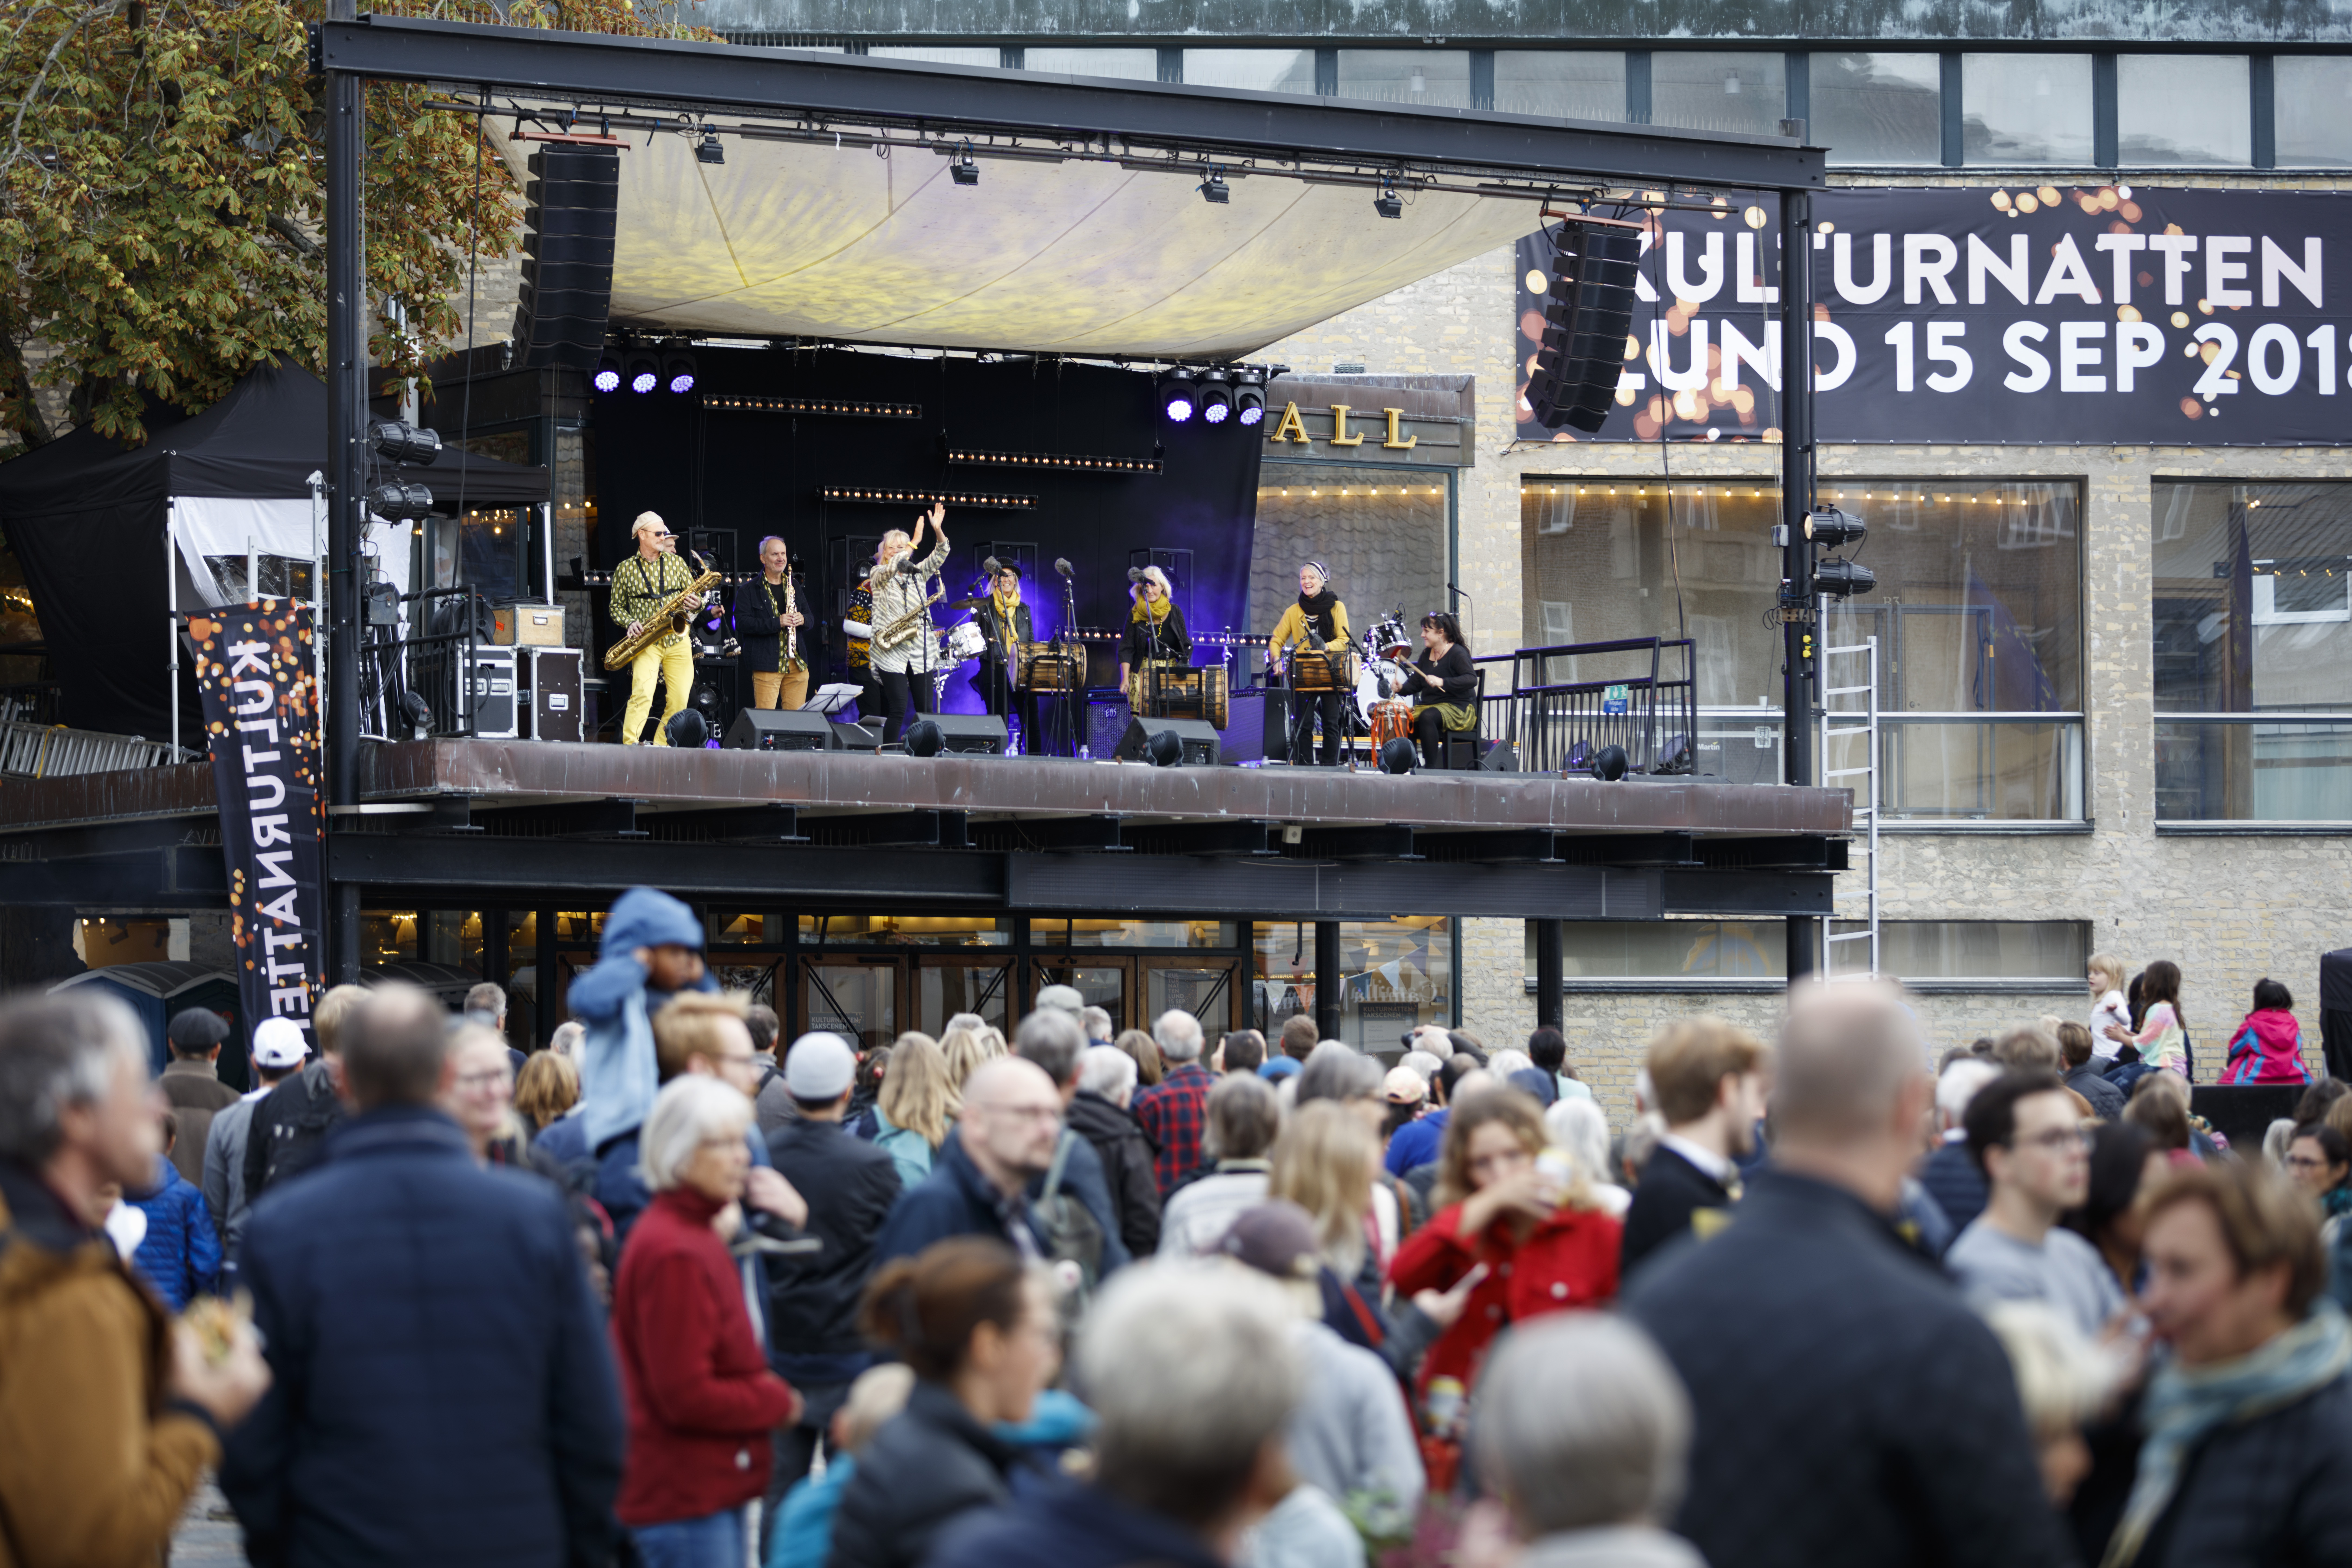 Förra årets Kulturnatt med Kaxophonic på scen. Foto: Martin Olson